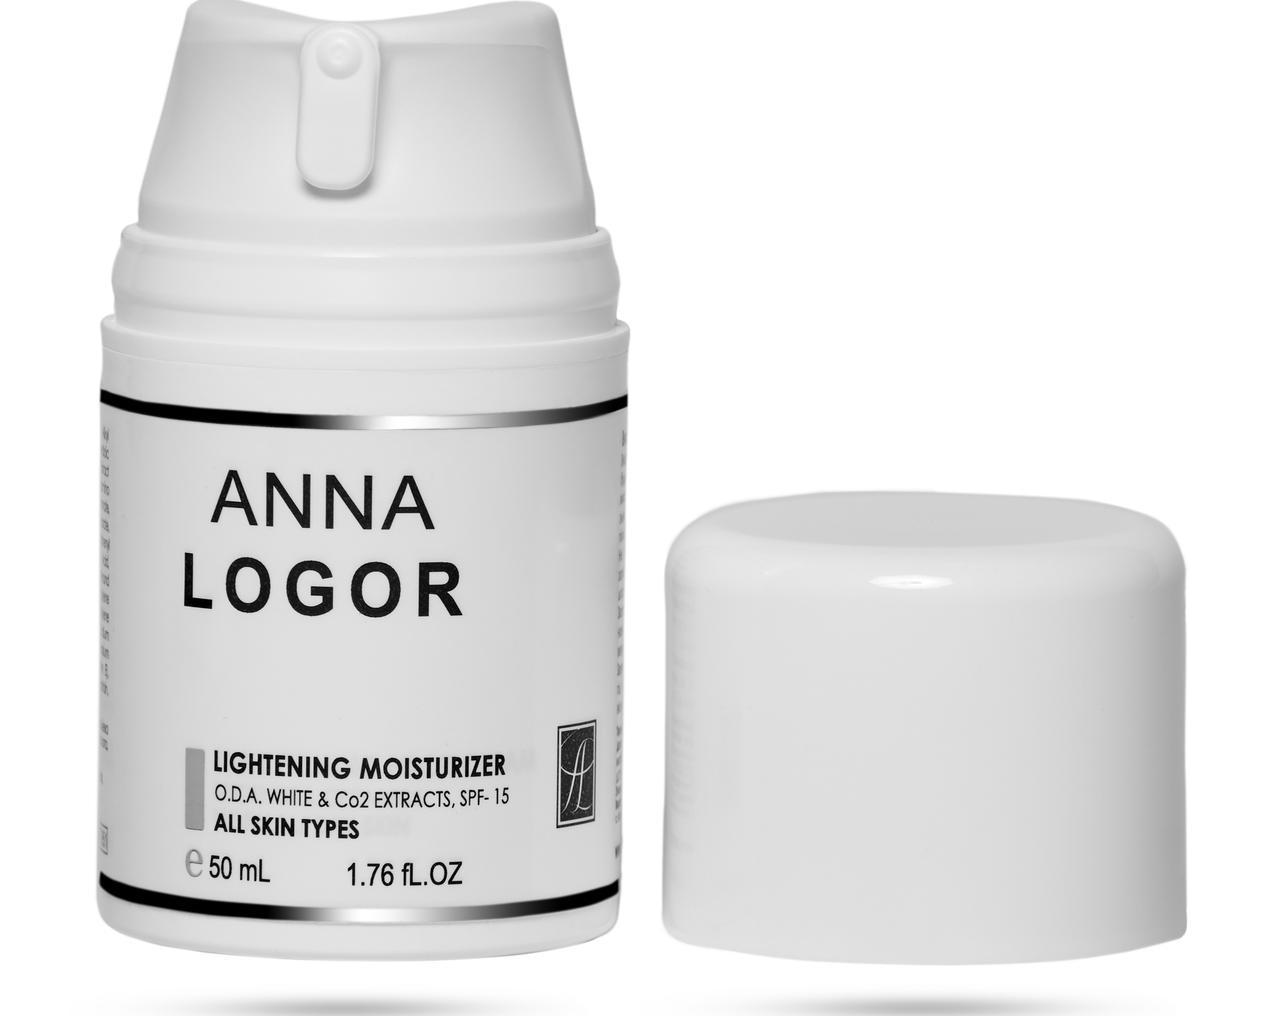 Висвітлюючий крем Анна Логор - Anna Logor Lightening Moisturizer 50 ml Код 951